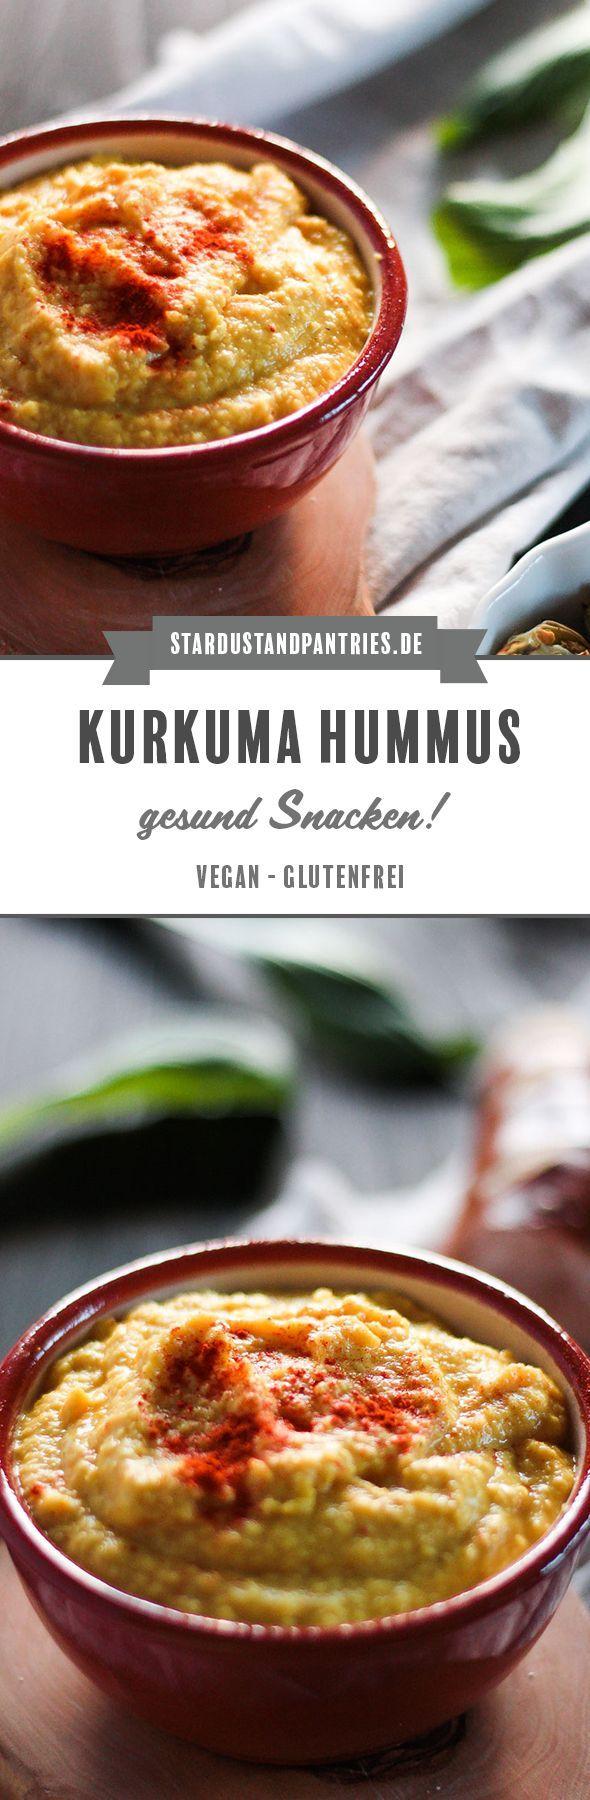 6167 besten superfood bilder auf pinterest vegane rezepte veganer und youtube. Black Bedroom Furniture Sets. Home Design Ideas